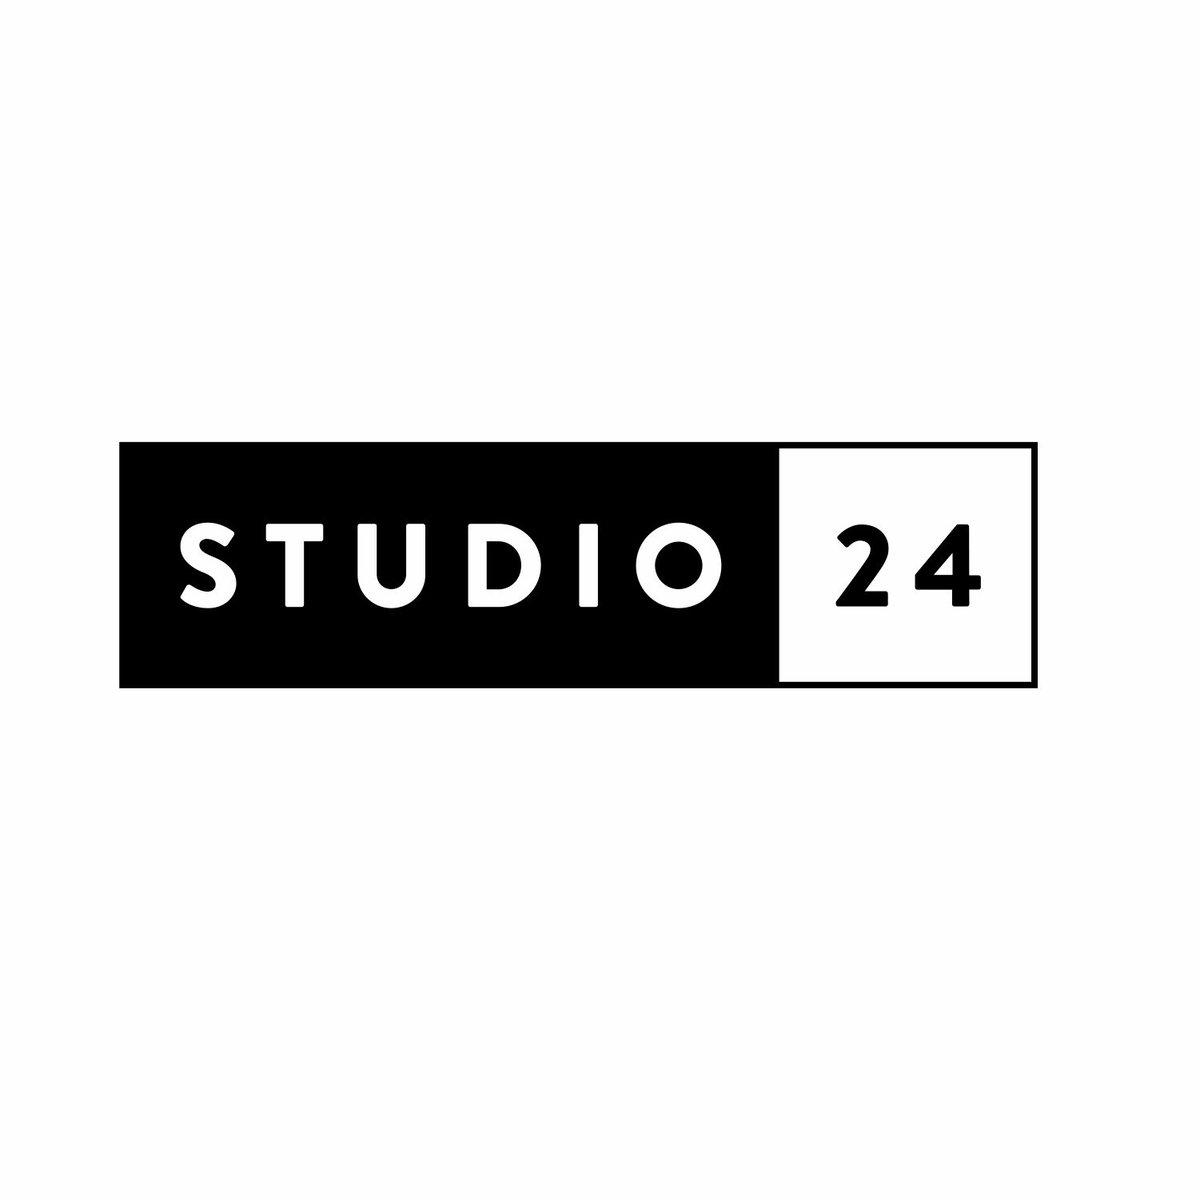 Studio 24 Sticker